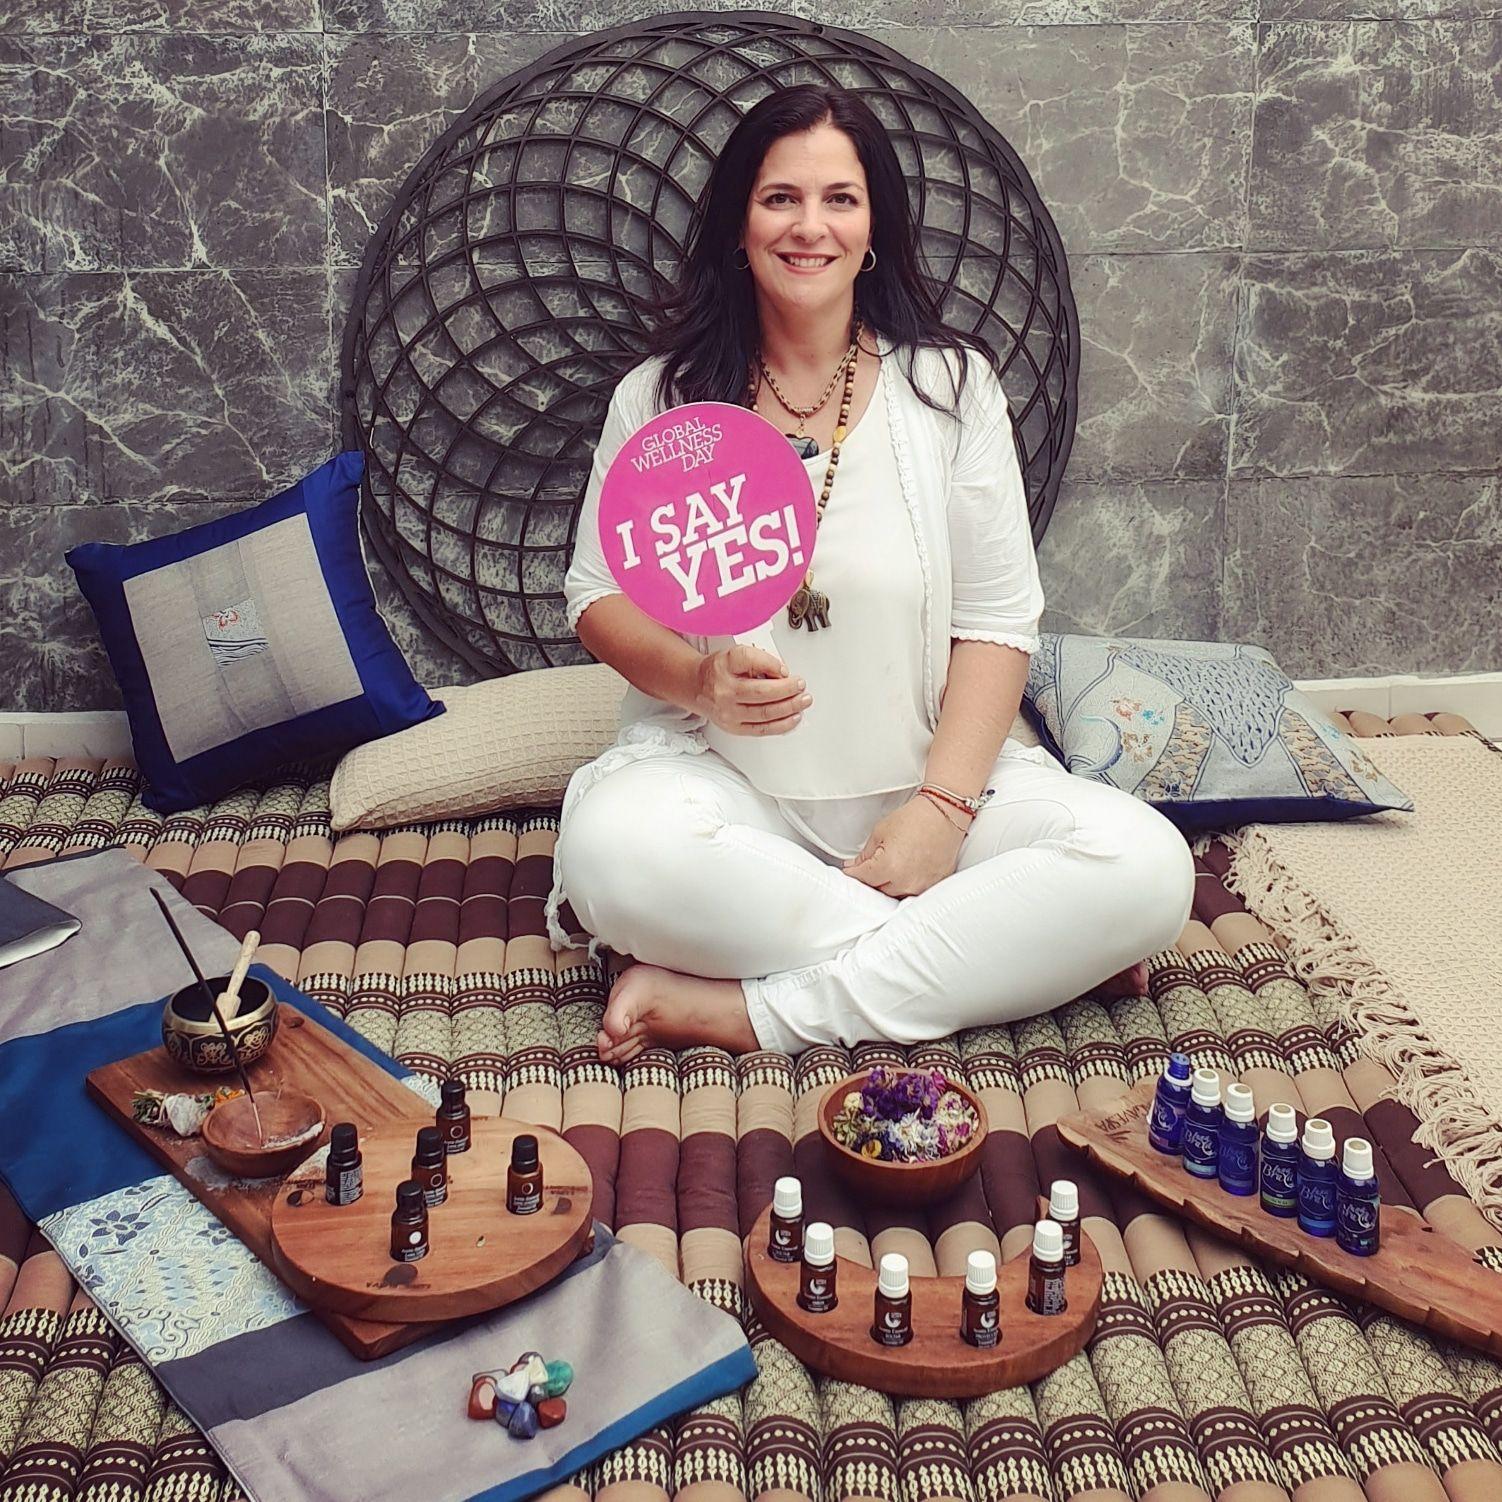 Fotografia Adriana Azuara / Principal representante en México para